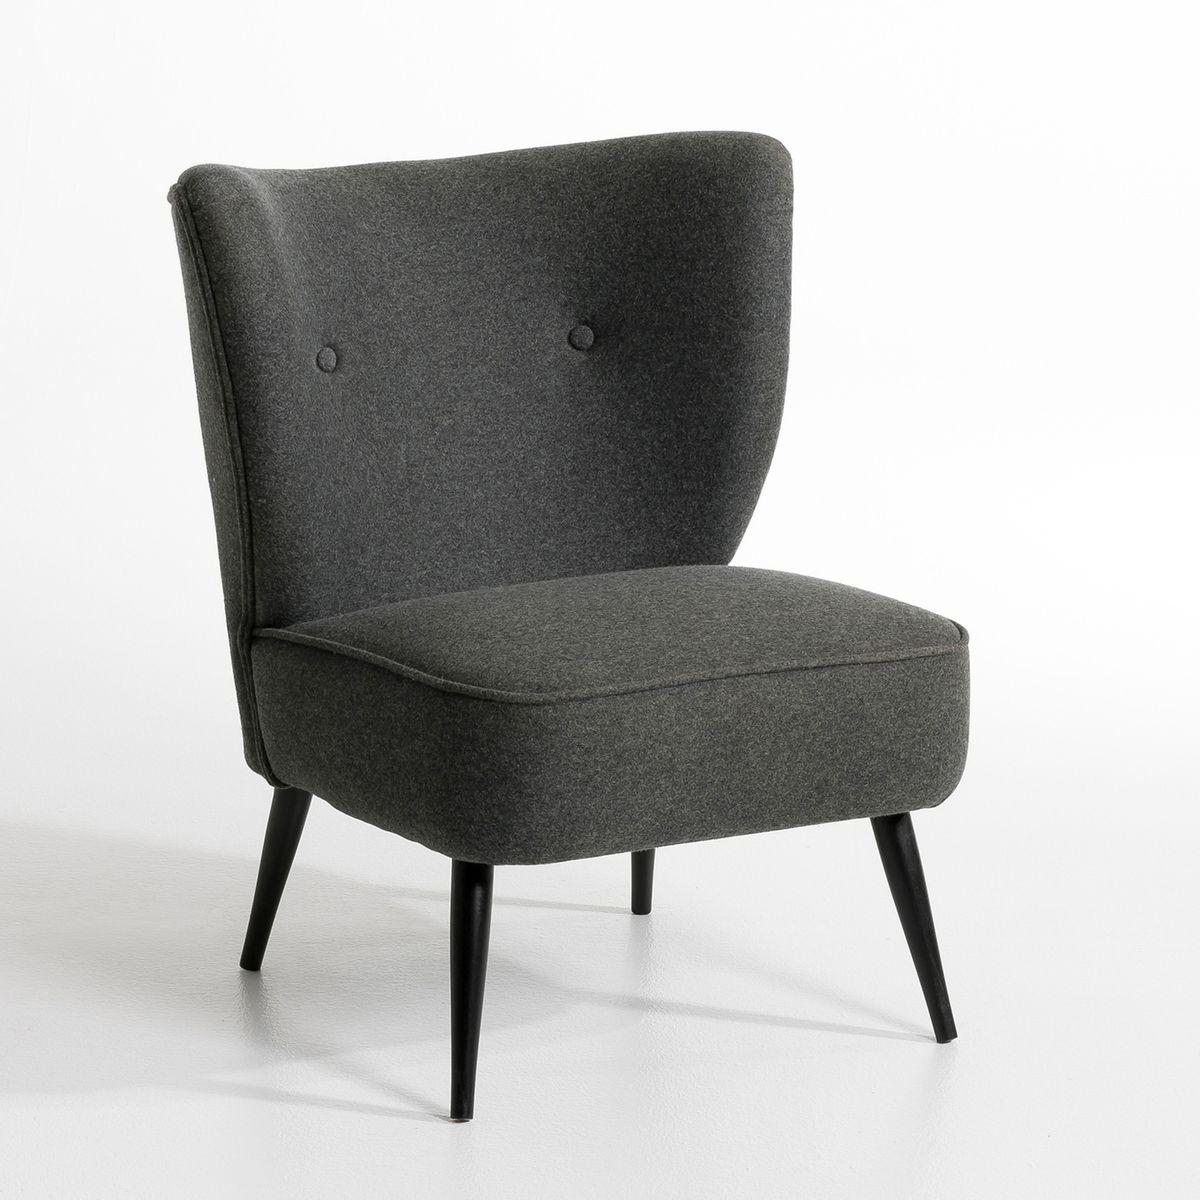 achat autres fauteuils fauteuil salle salon meubles. Black Bedroom Furniture Sets. Home Design Ideas